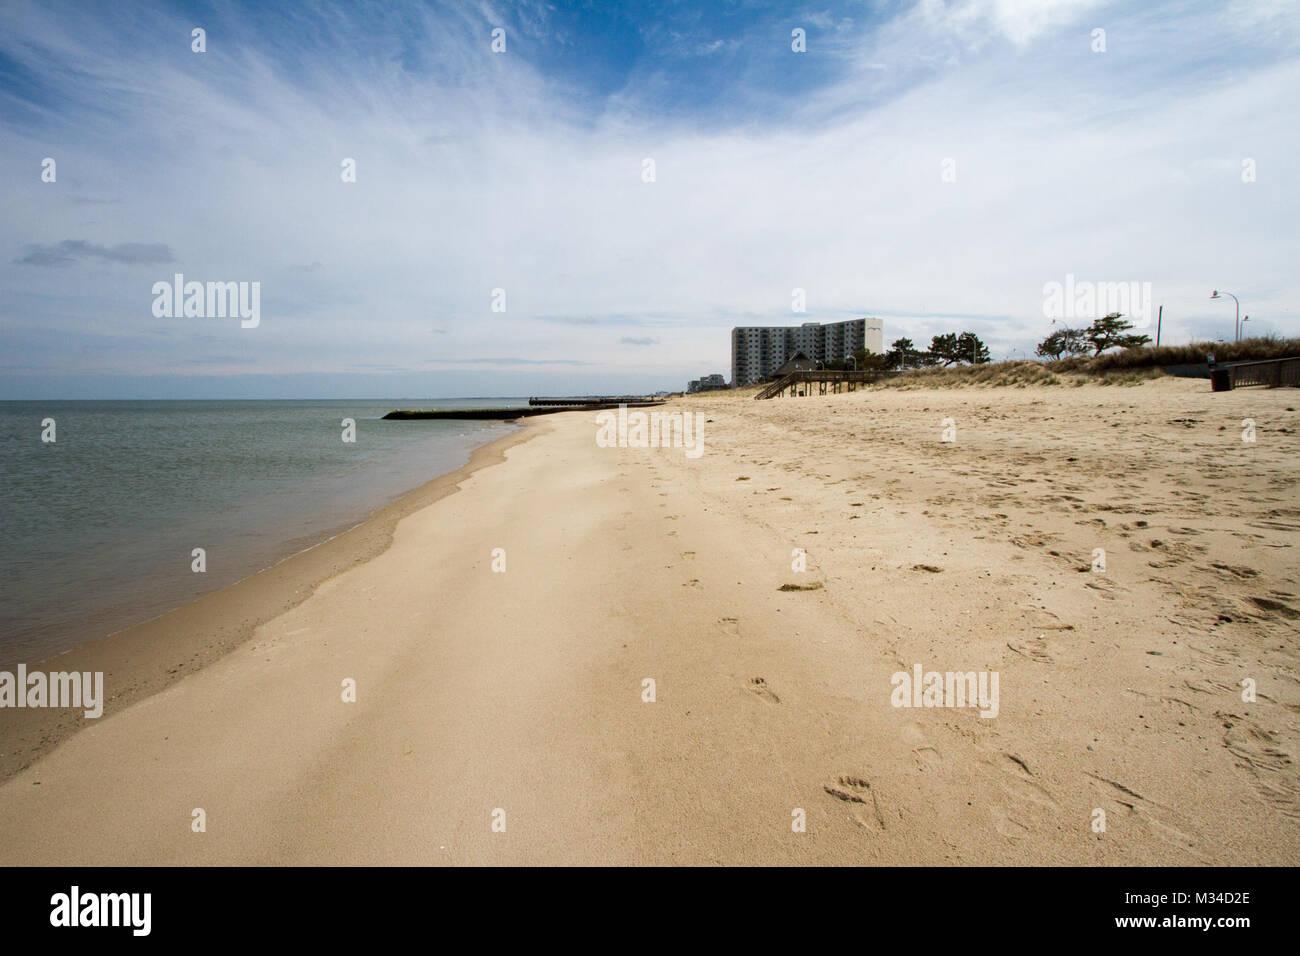 NORFOLK, Virginia - quasi sette chilometri di spiaggia lungo la Willoughby spiedo e Oriente Vista Oceano zone della Immagini Stock